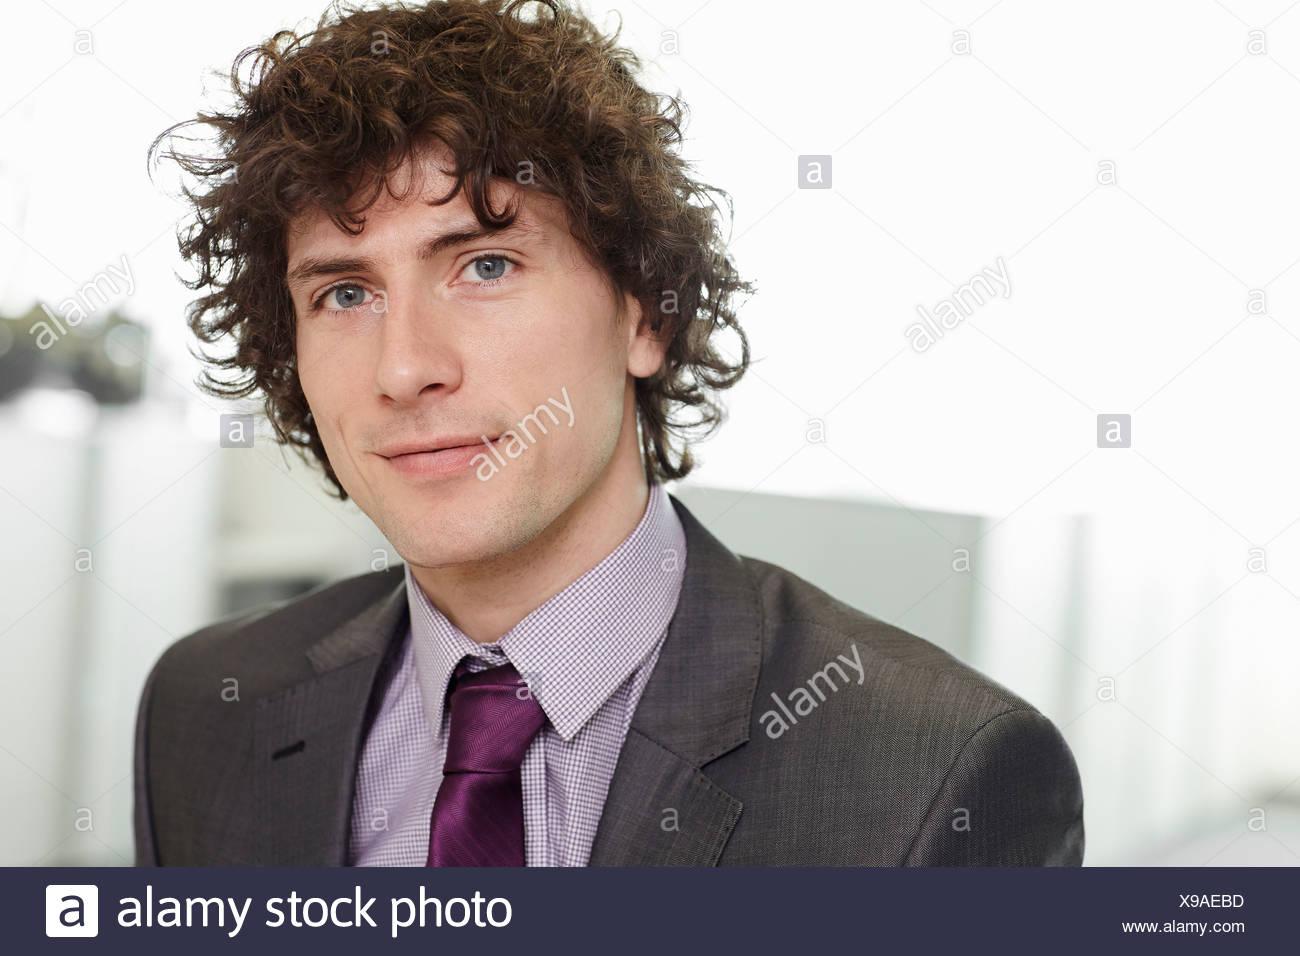 Porträt der Geschäftsmann mit dem lockigen Haar tragen Anzug und Krawatte Stockbild